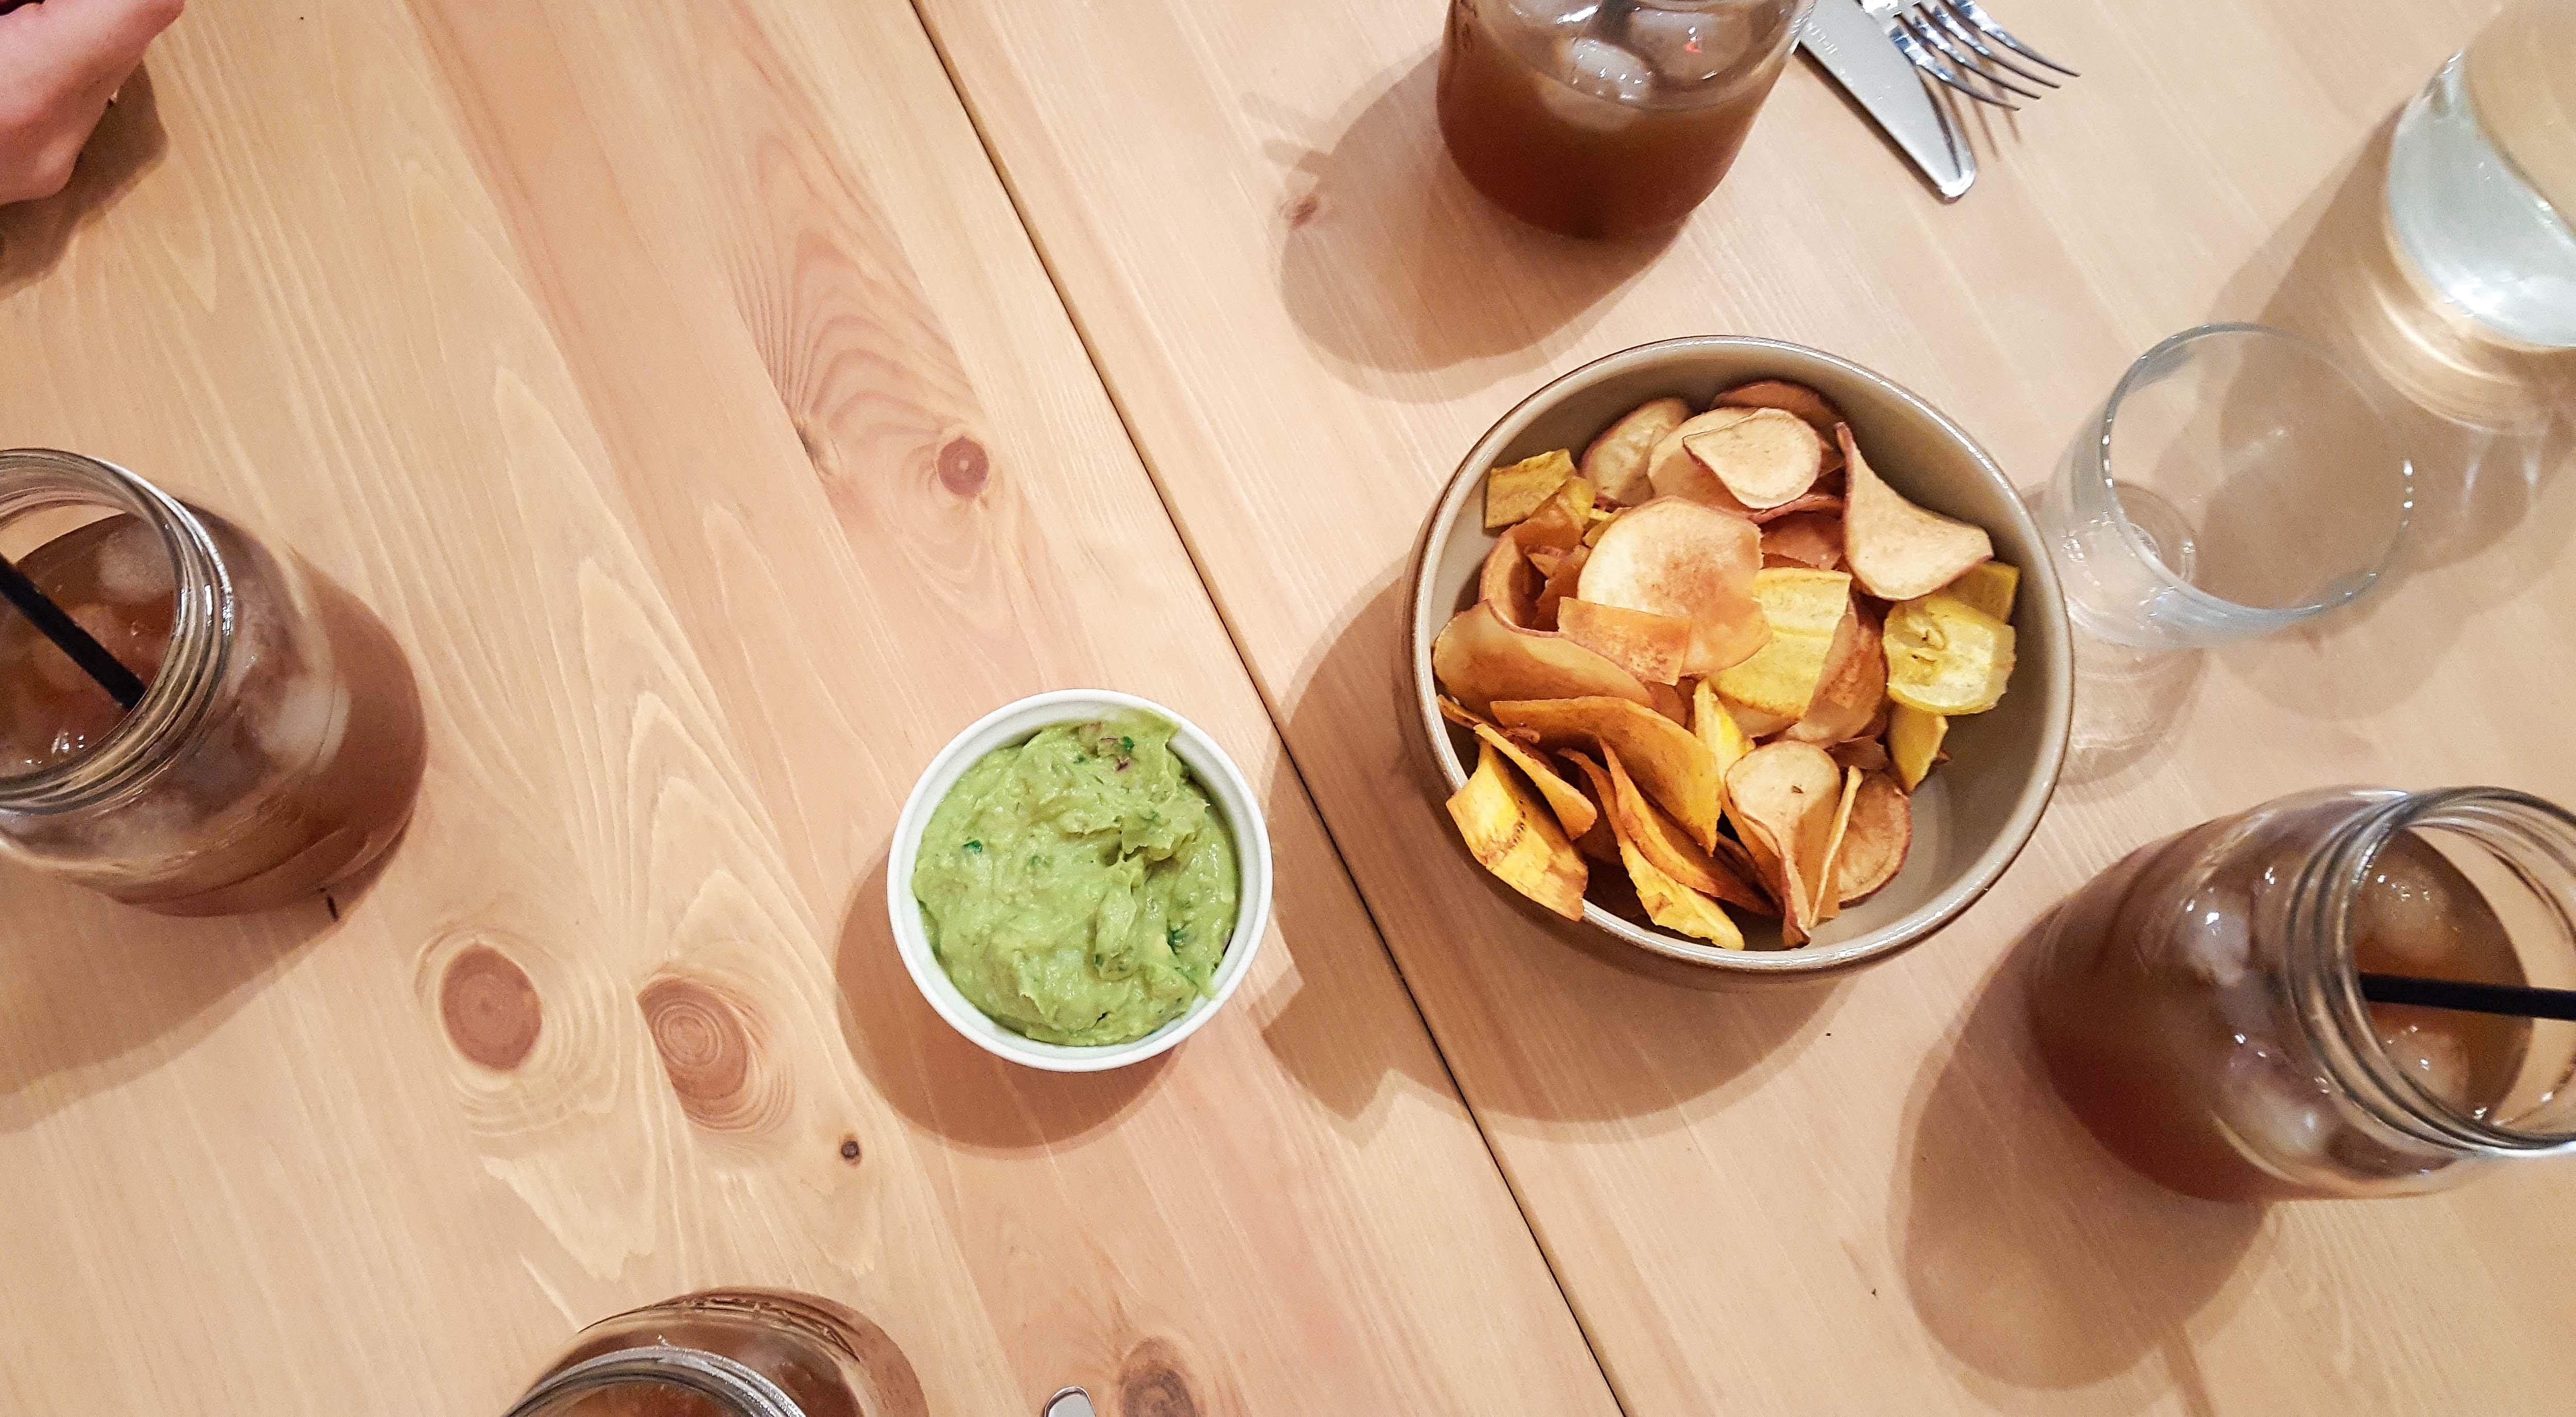 Bululu Arepera chips